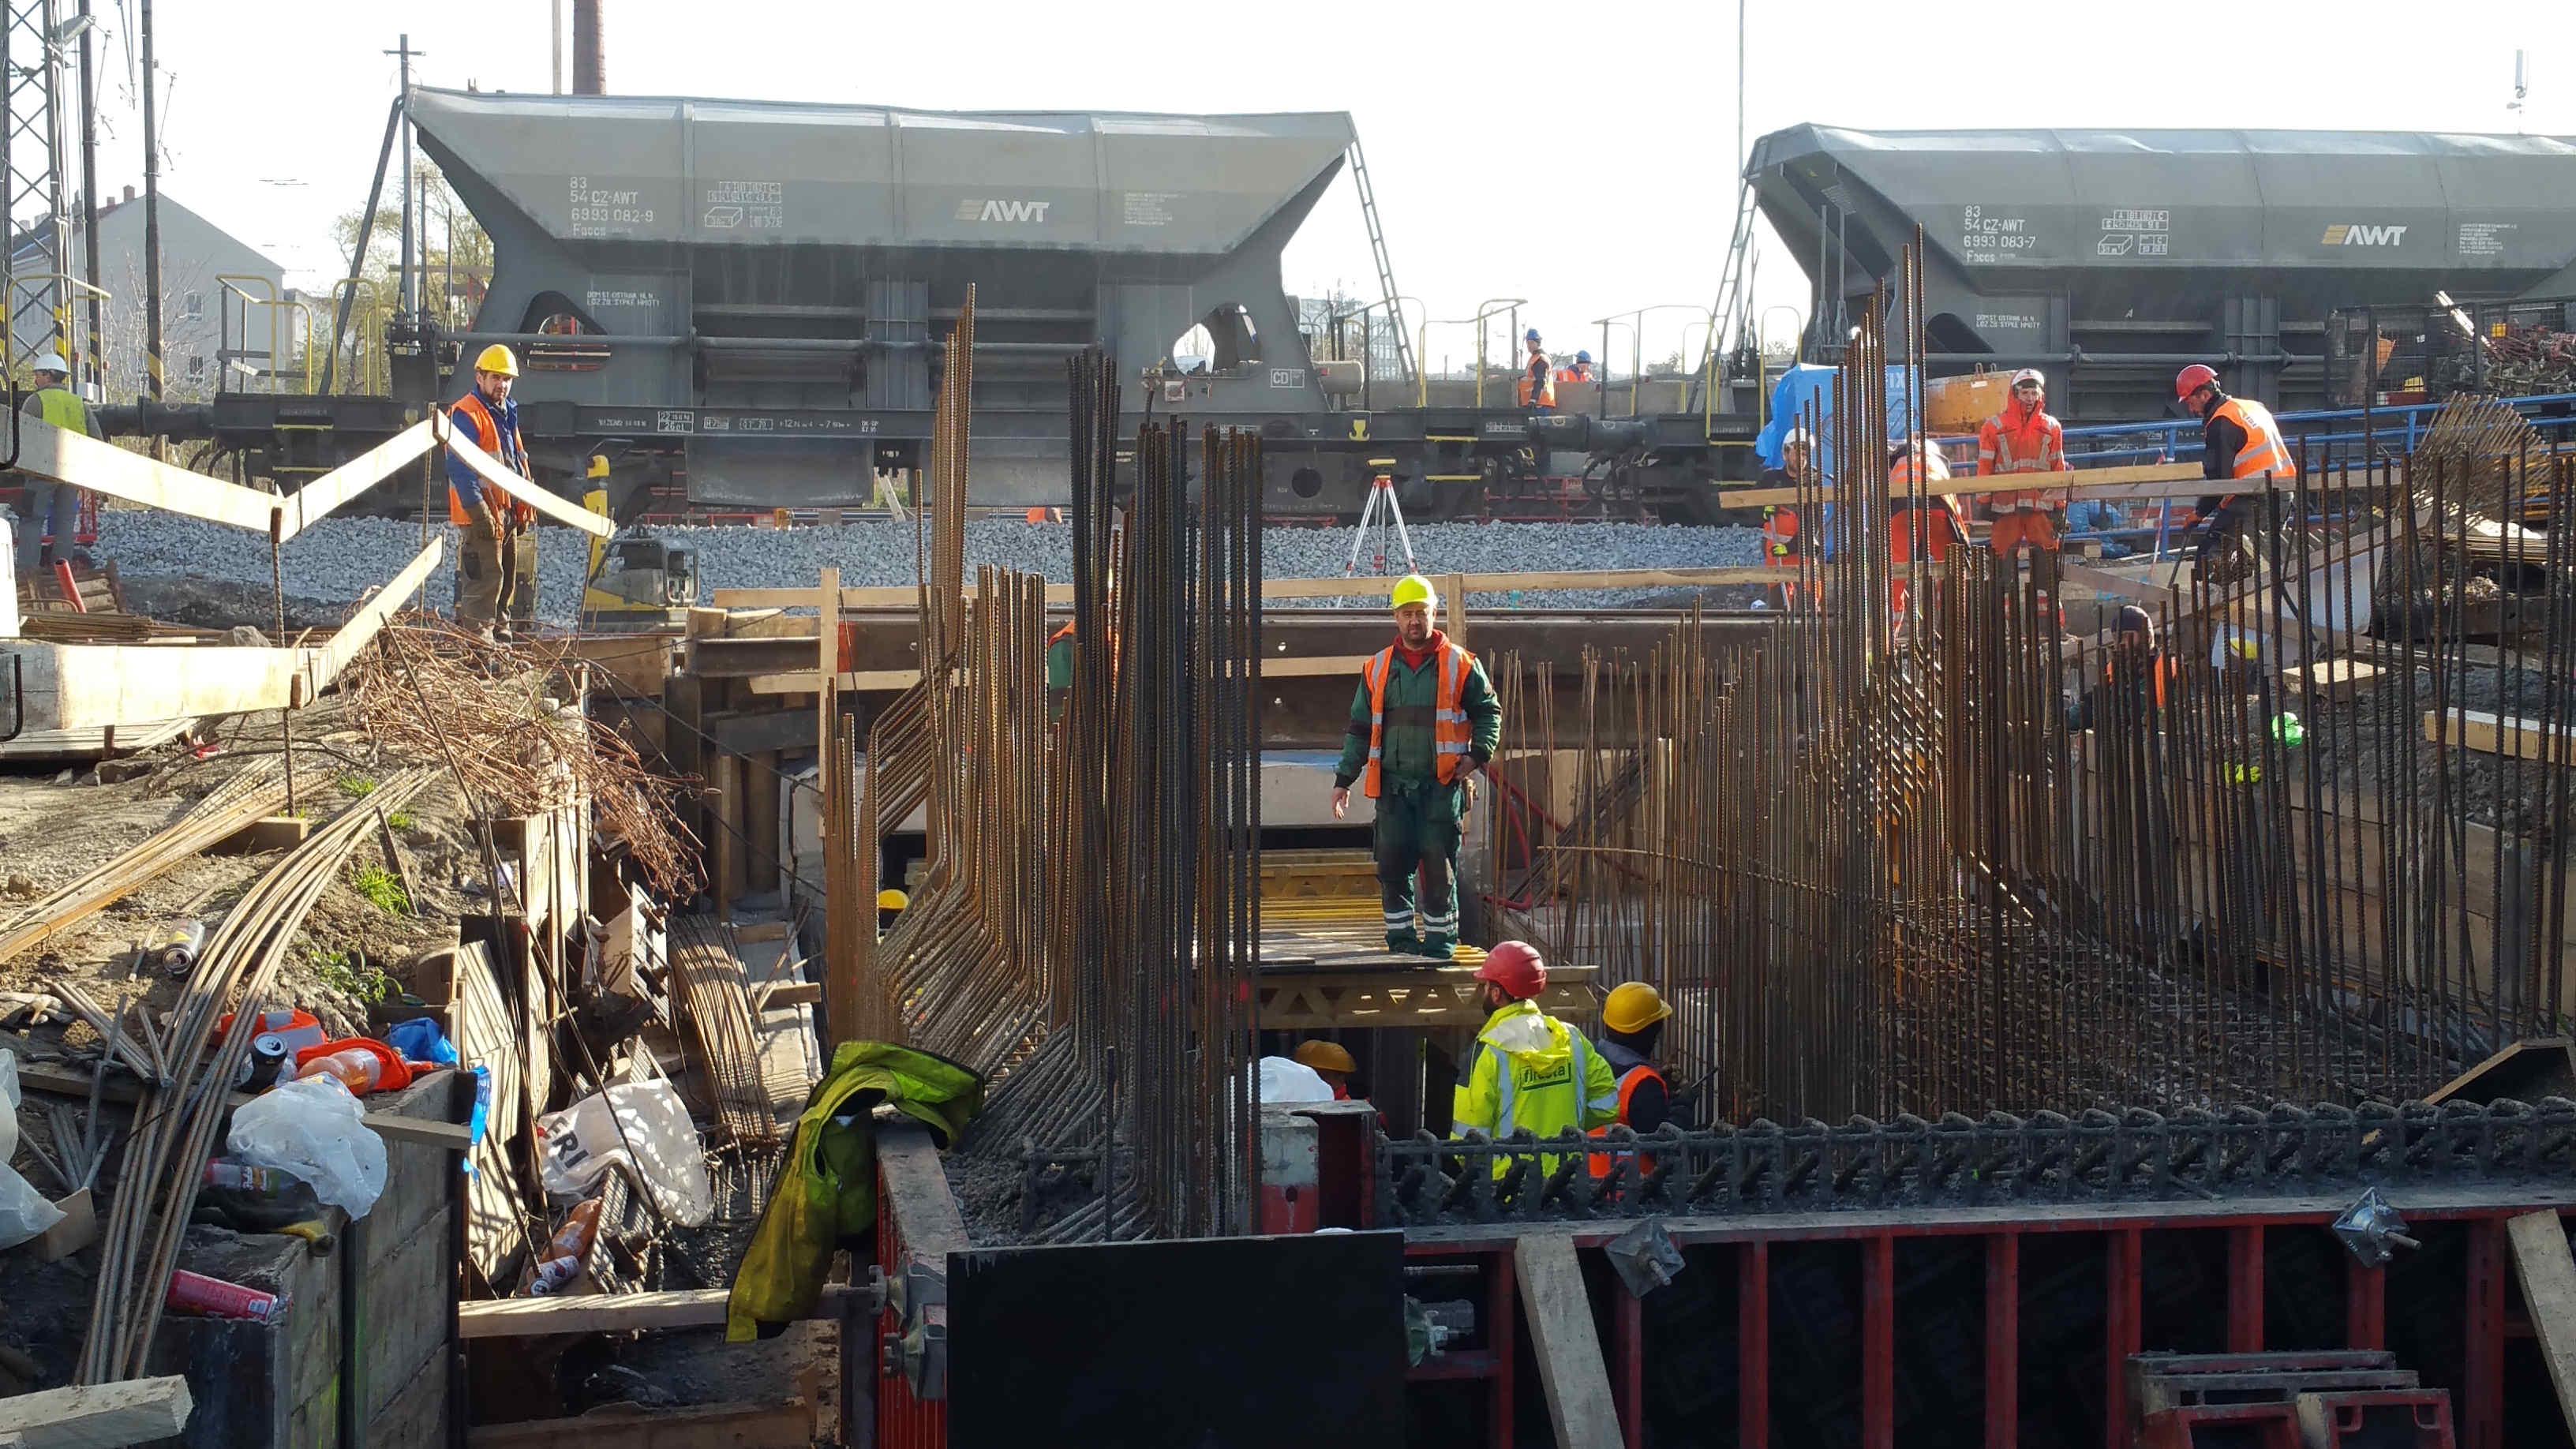 Je 17.listopad 2018 a dělníci intenzivně pokračují ve vsýtavbě nutného podchodu a výstahu na druhé, ostrovní, nástupiště. Do nového jízdního řádu zbývající už jen tři týdny!